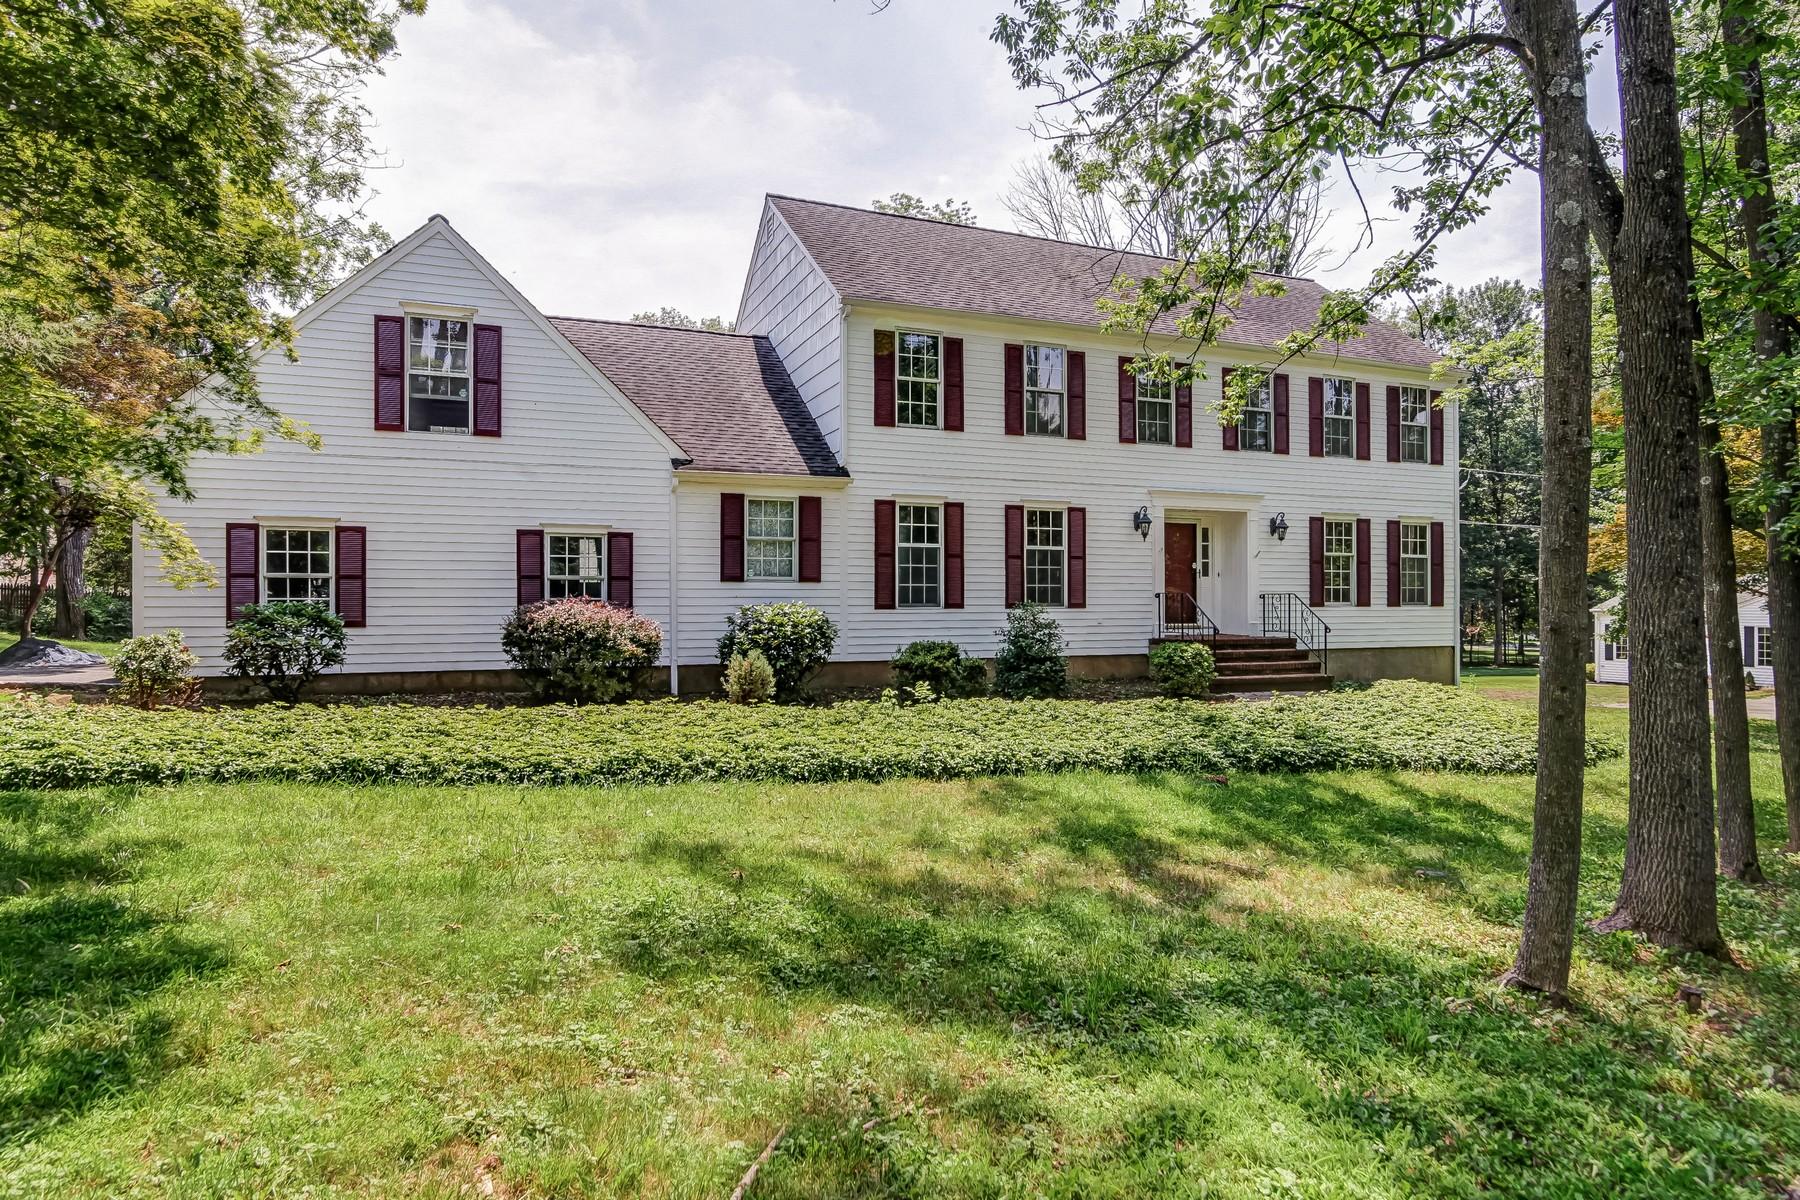 Casa Unifamiliar por un Venta en Desirable Neighborhood 6 Kensington Road Basking Ridge, Nueva Jersey, 07920 Estados Unidos